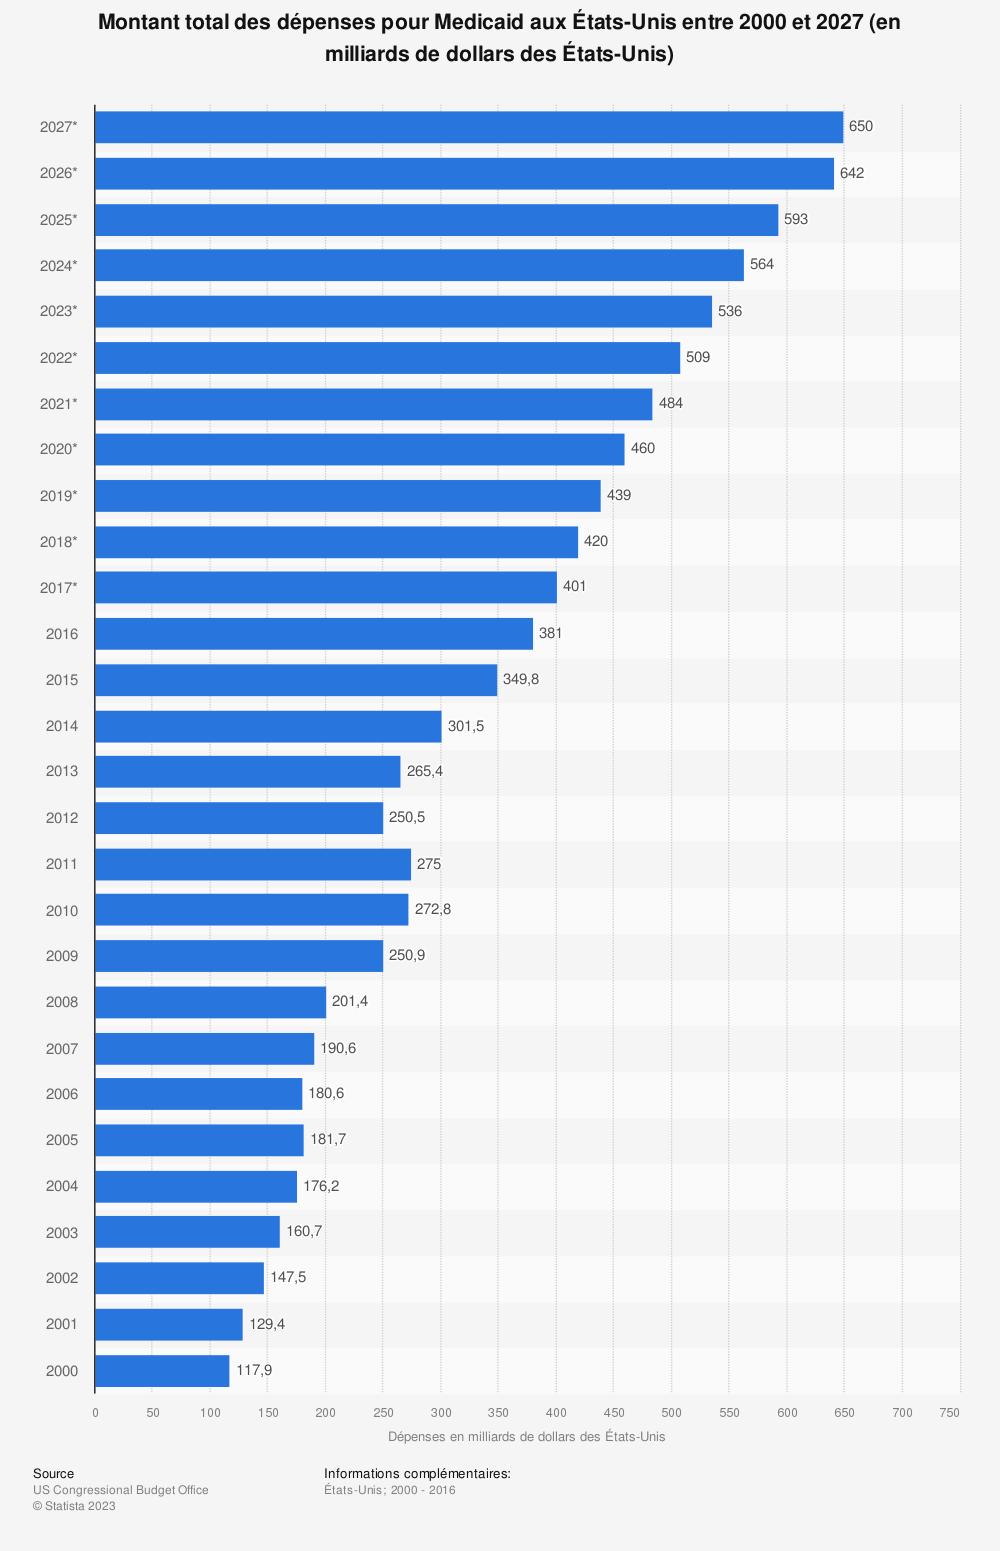 Statistique: Montant total des dépenses pour Medicaid aux États-Unis entre 2000 et 2027 (en milliards de dollars des États-Unis) | Statista